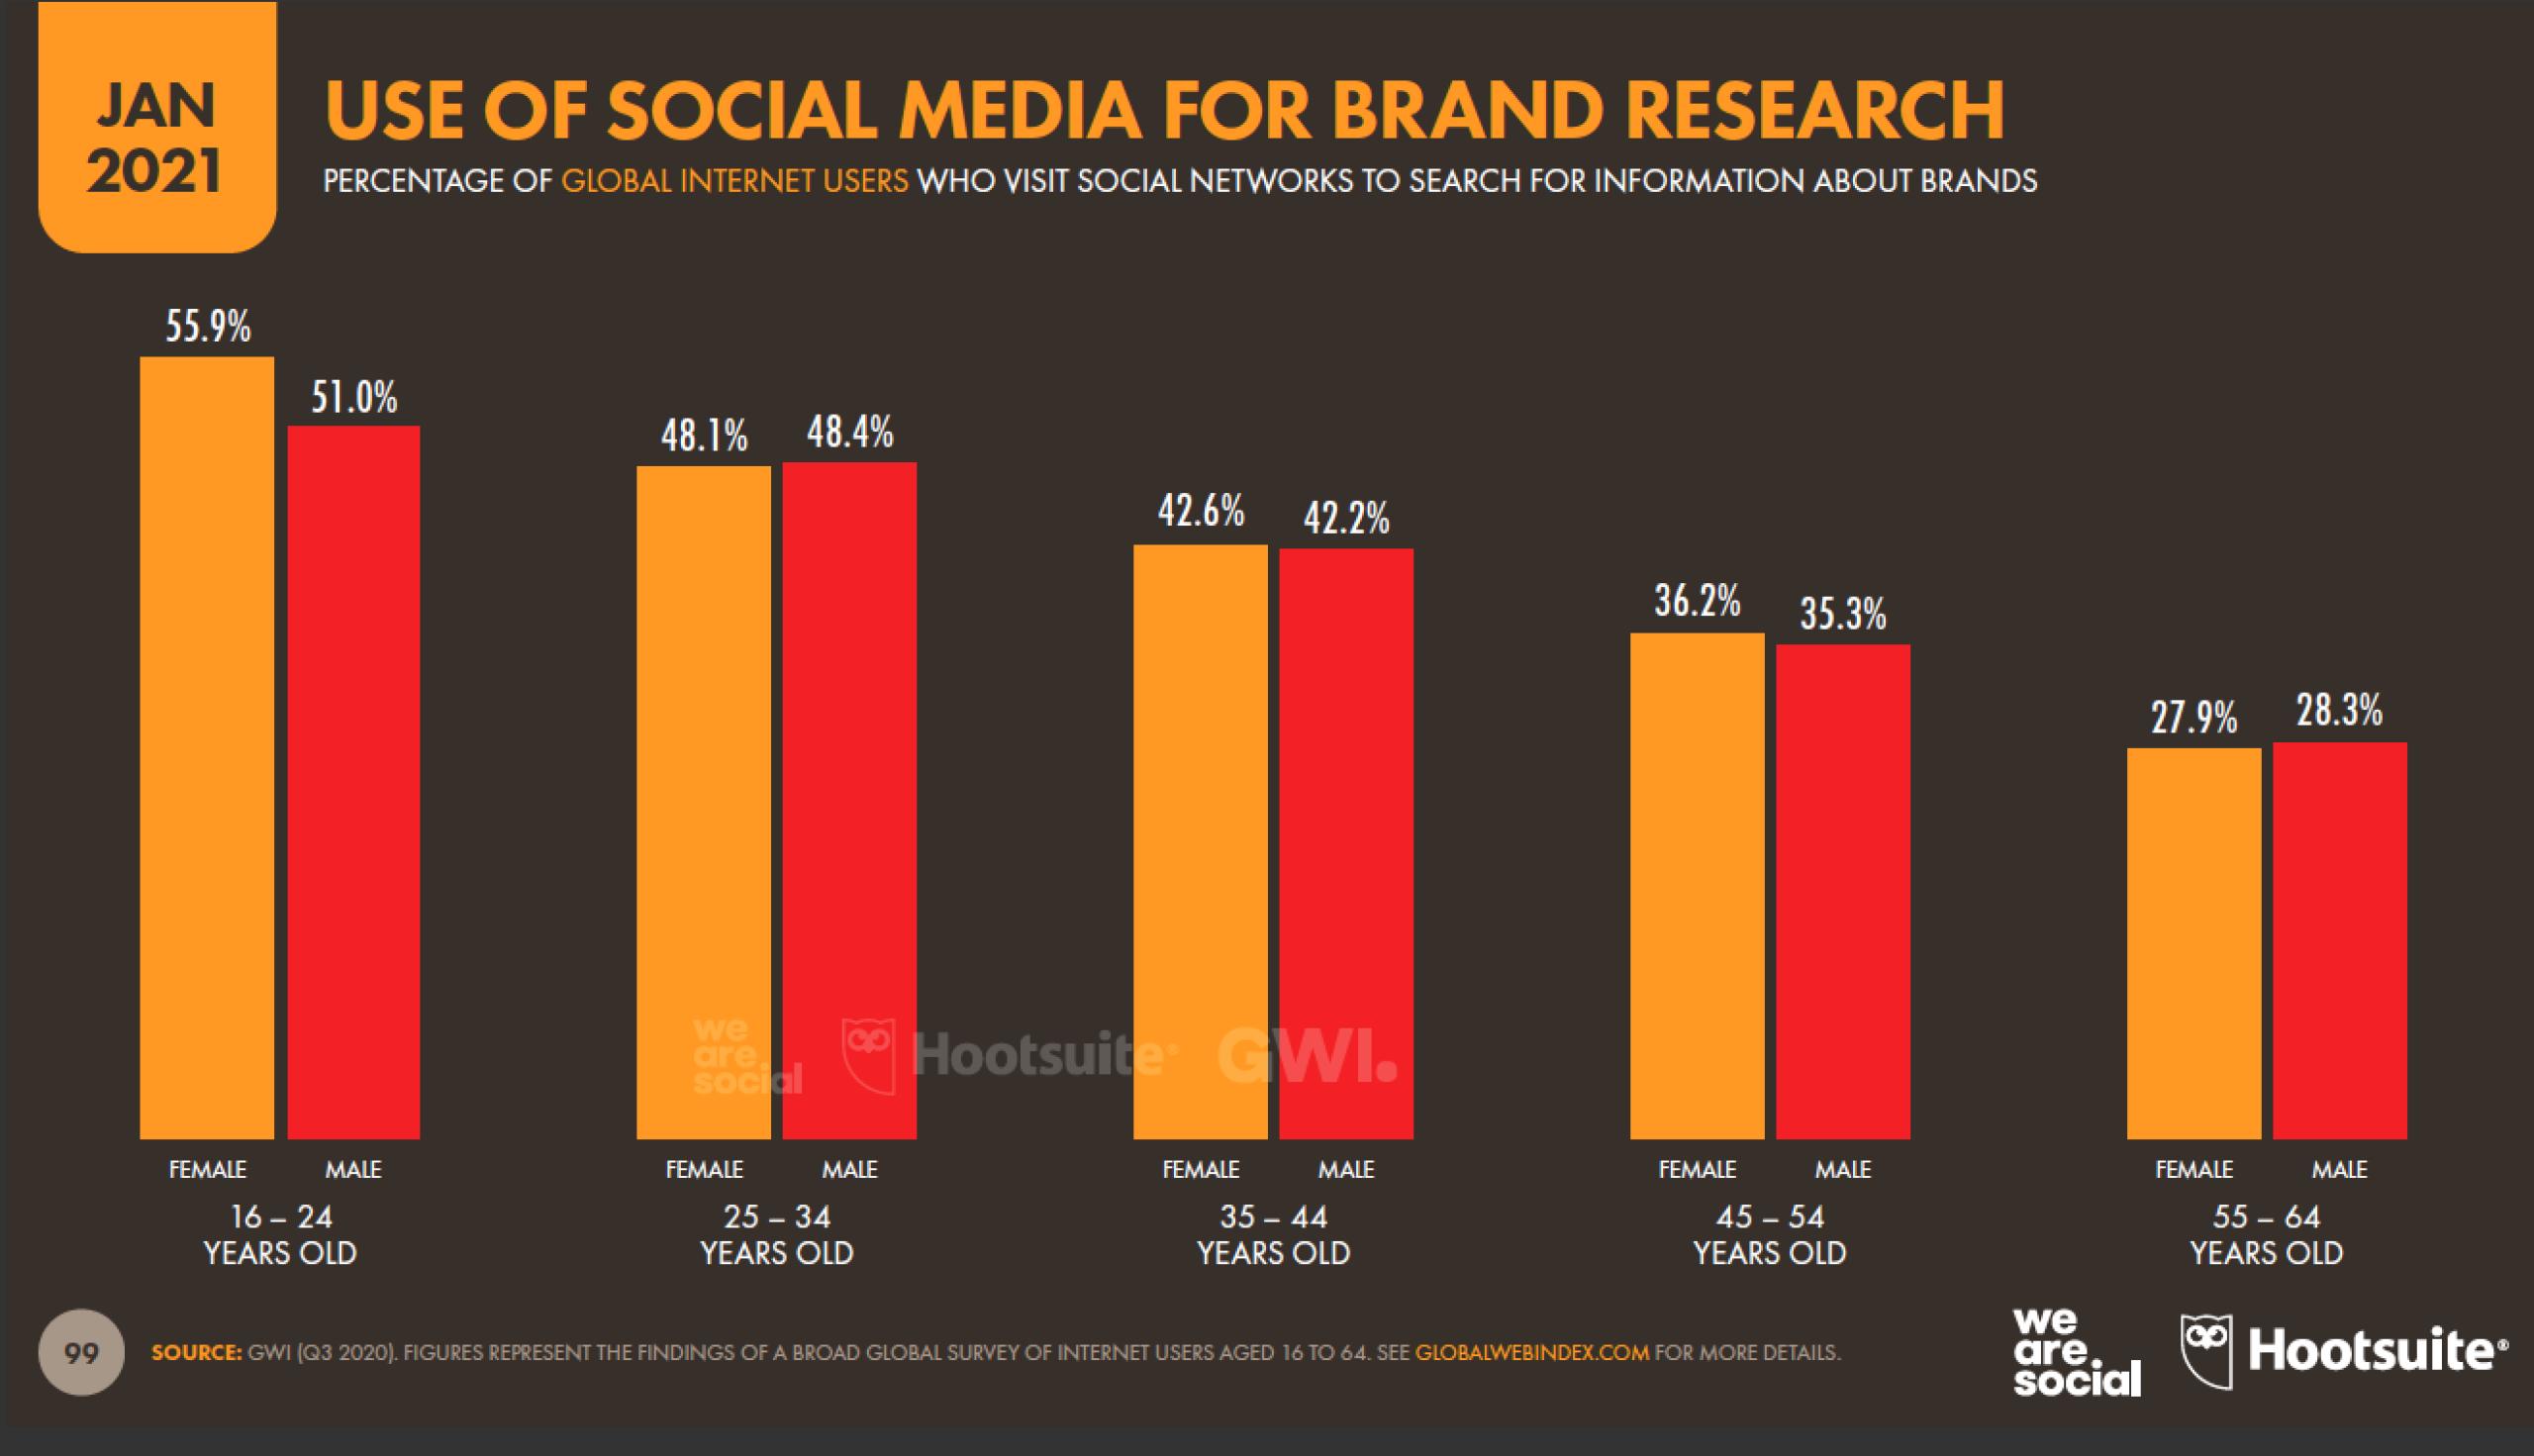 использование социальных сетей для исследования бренда